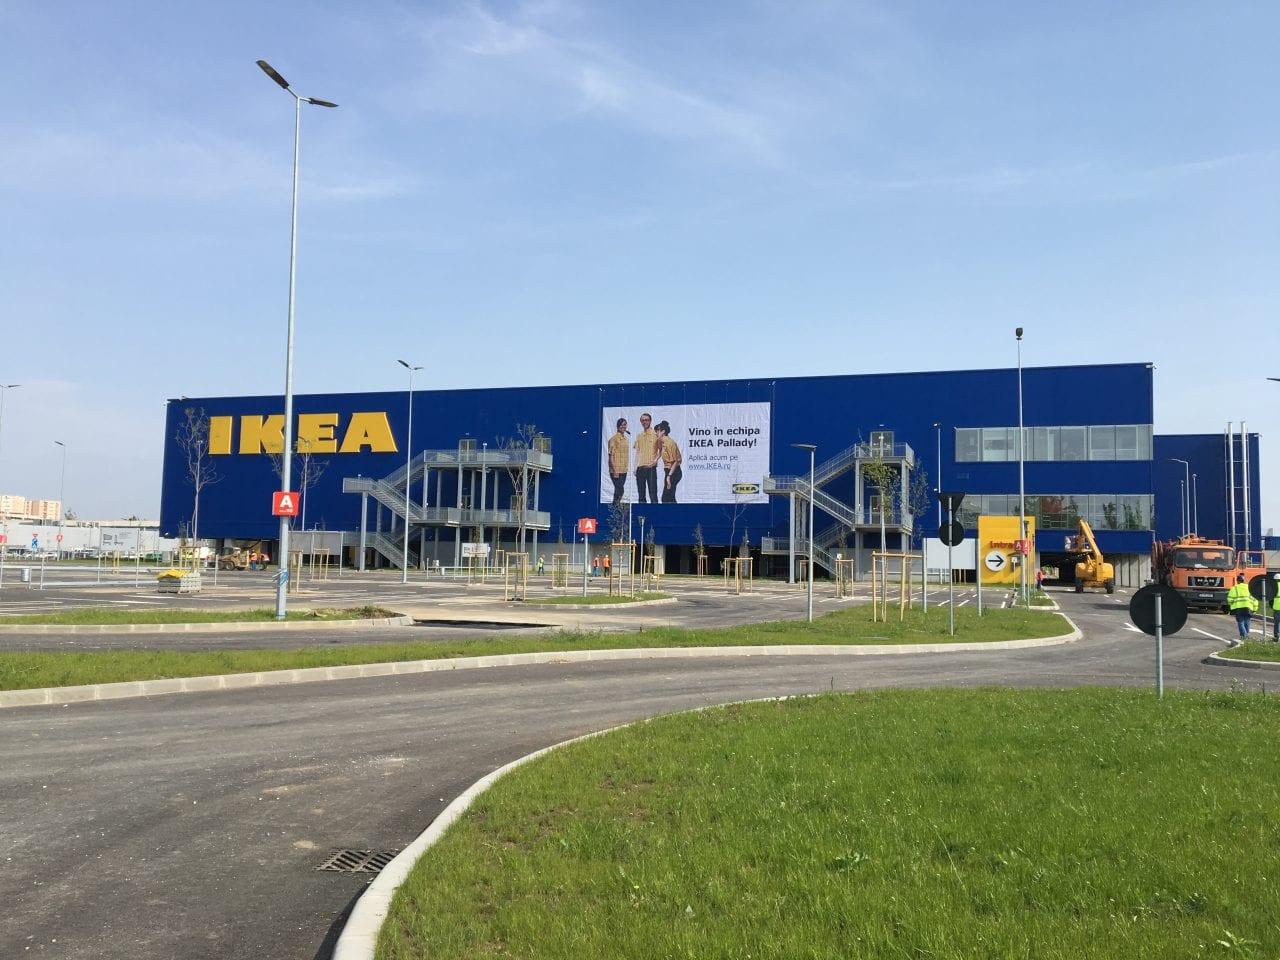 Magazinul IKEA Pallady - Ikea deschide magazinul din Pallady pe 24 iunie